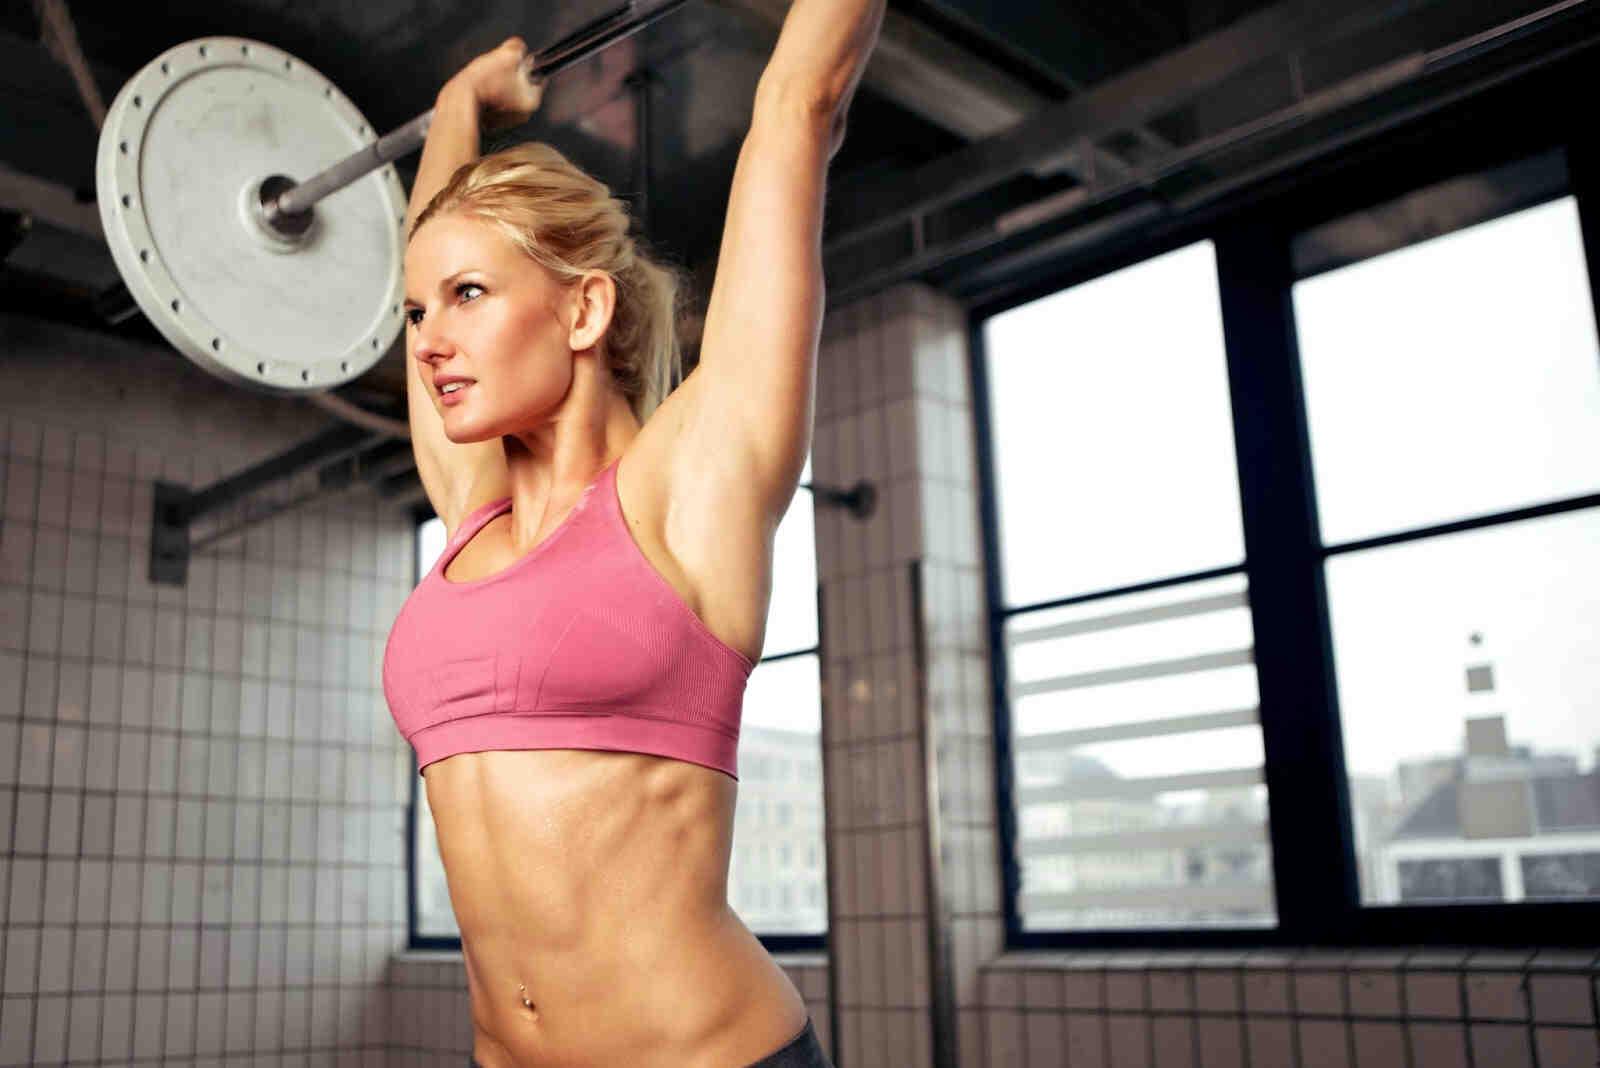 Sur quels muscles pouvez-vous travailler chaque jour?